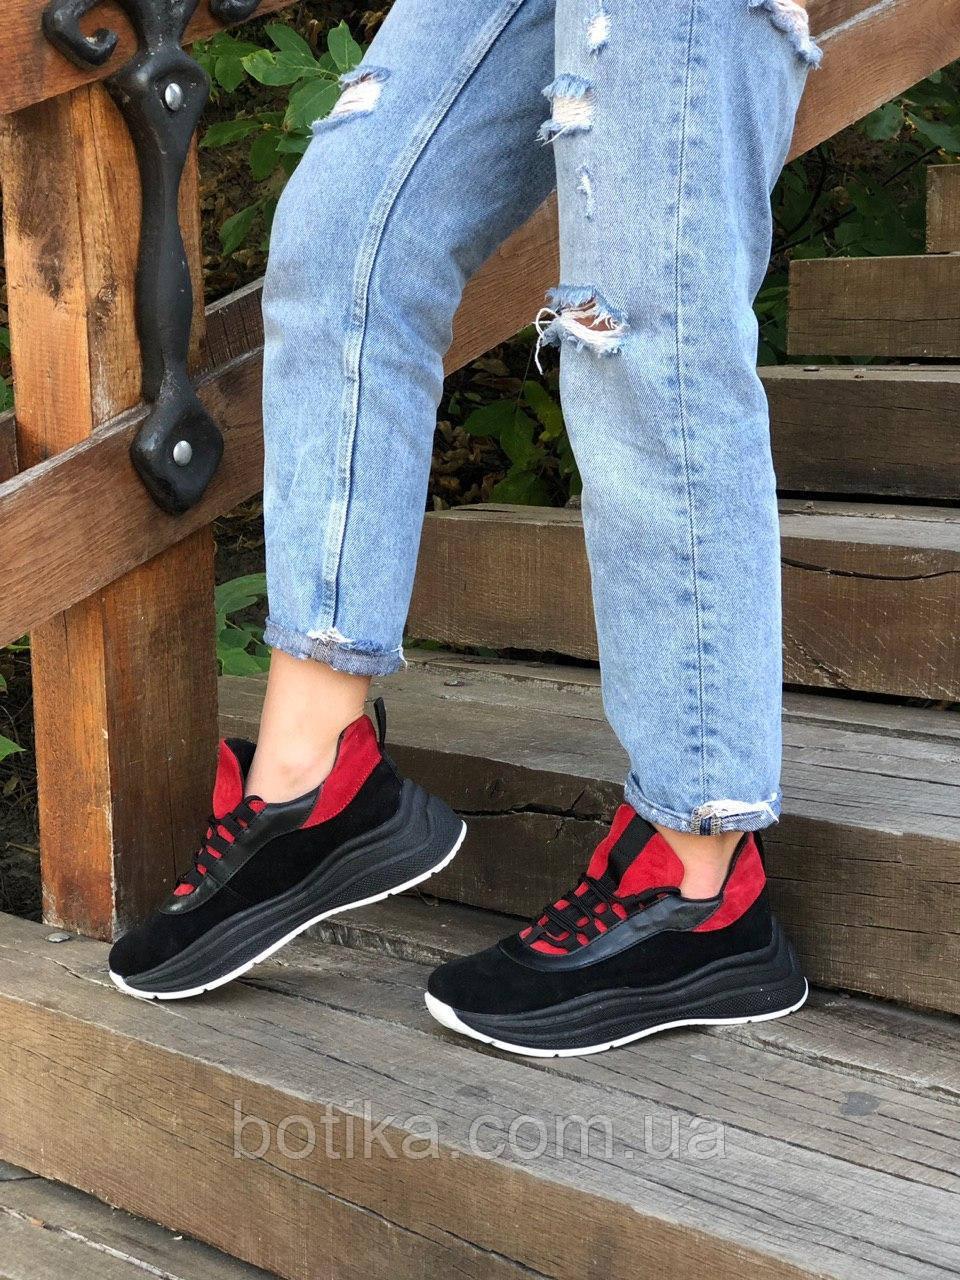 Серые и красные! Стильные женские кроссовки